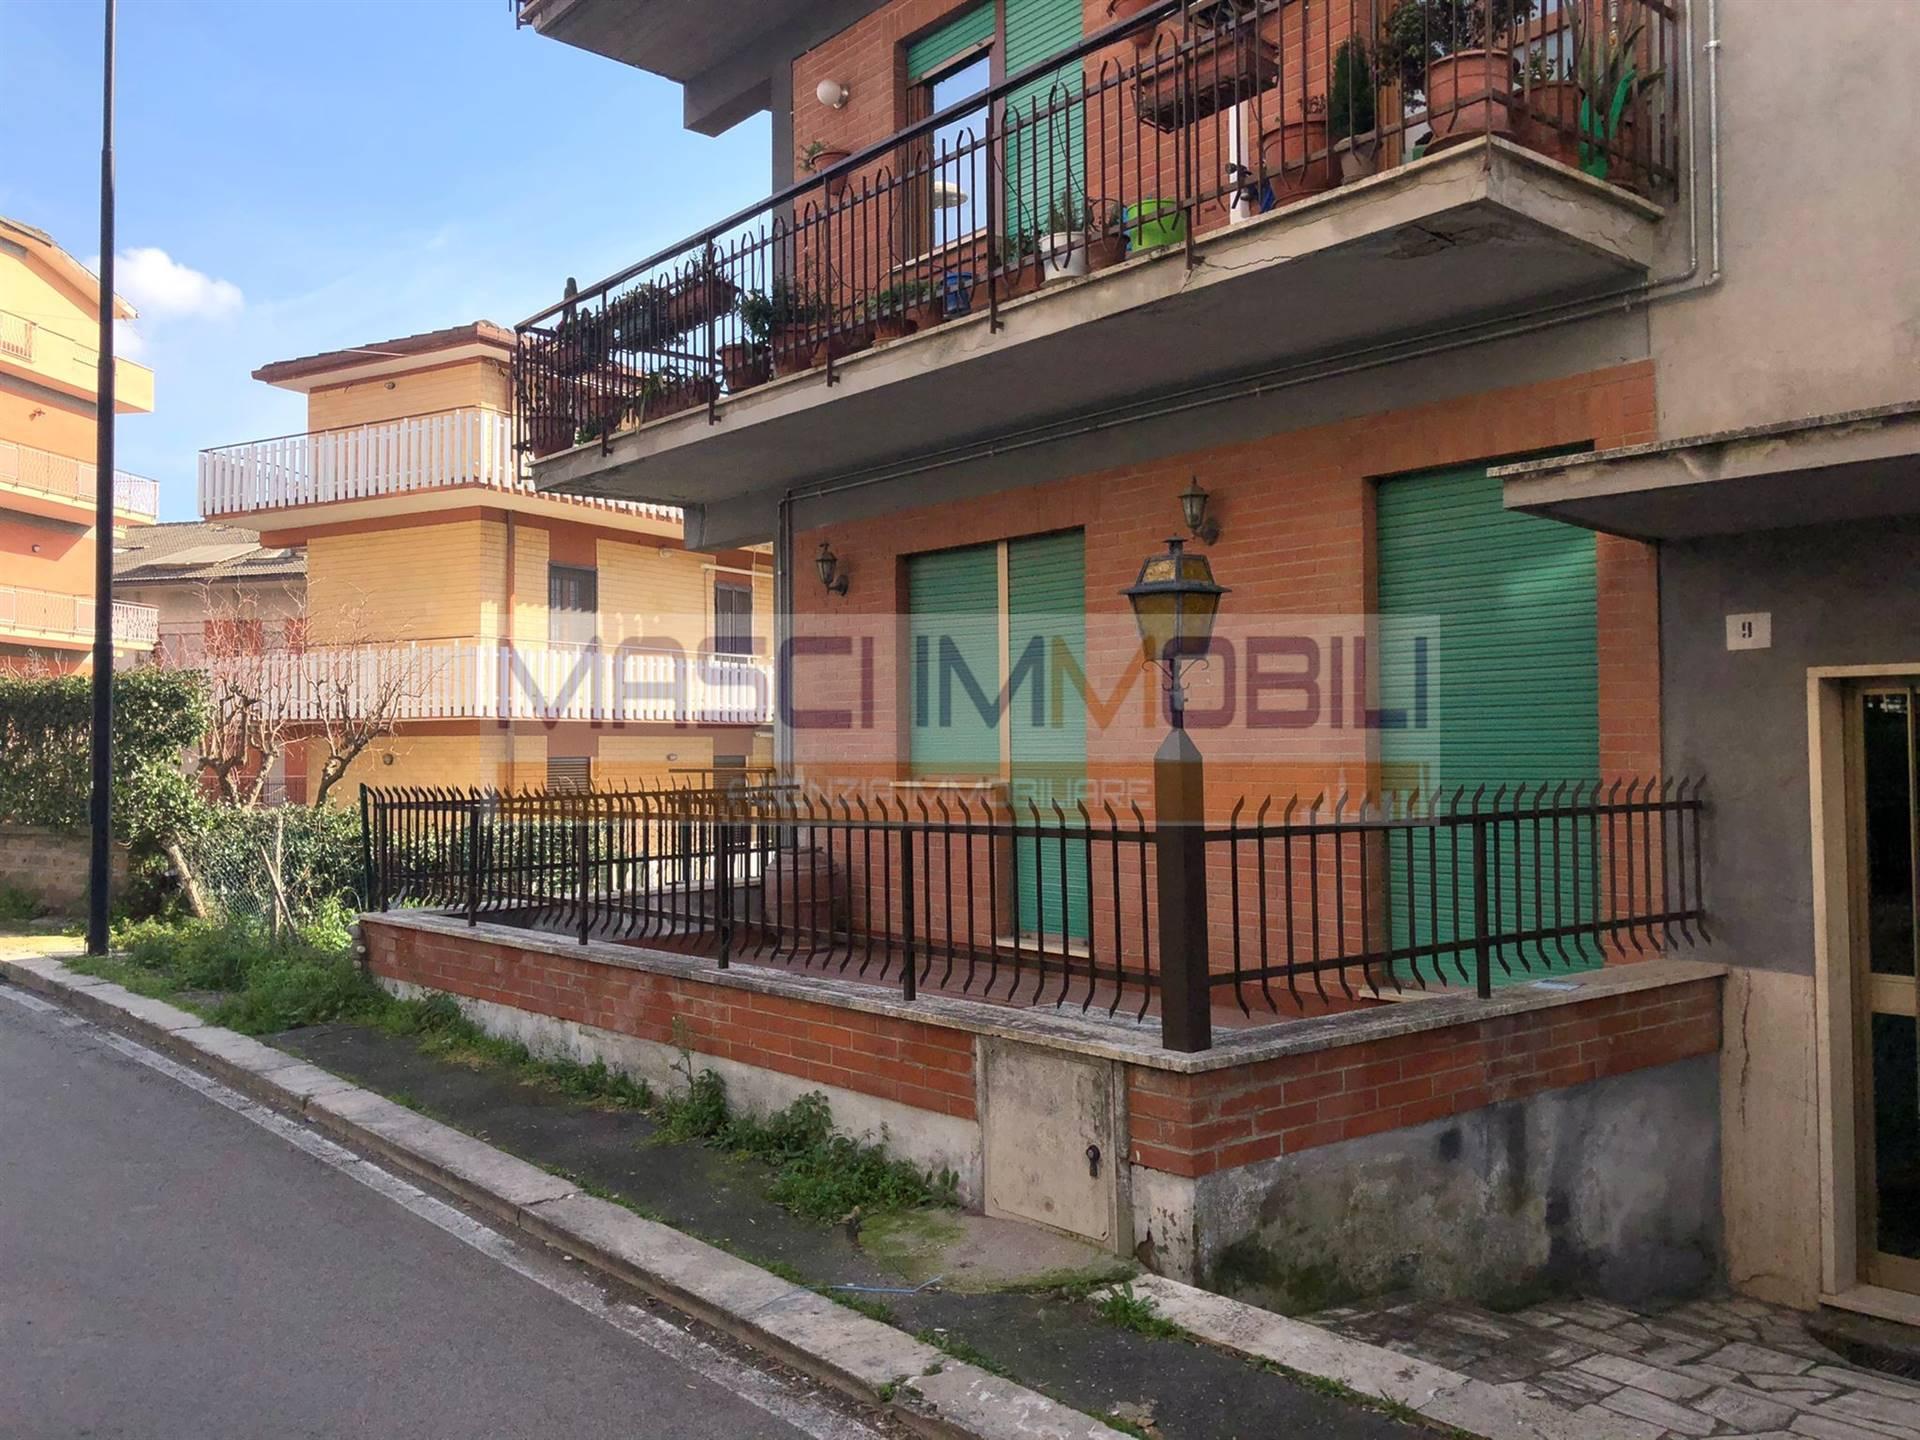 Appartamento in vendita a Civitella San Paolo, 3 locali, prezzo € 85.000 | CambioCasa.it